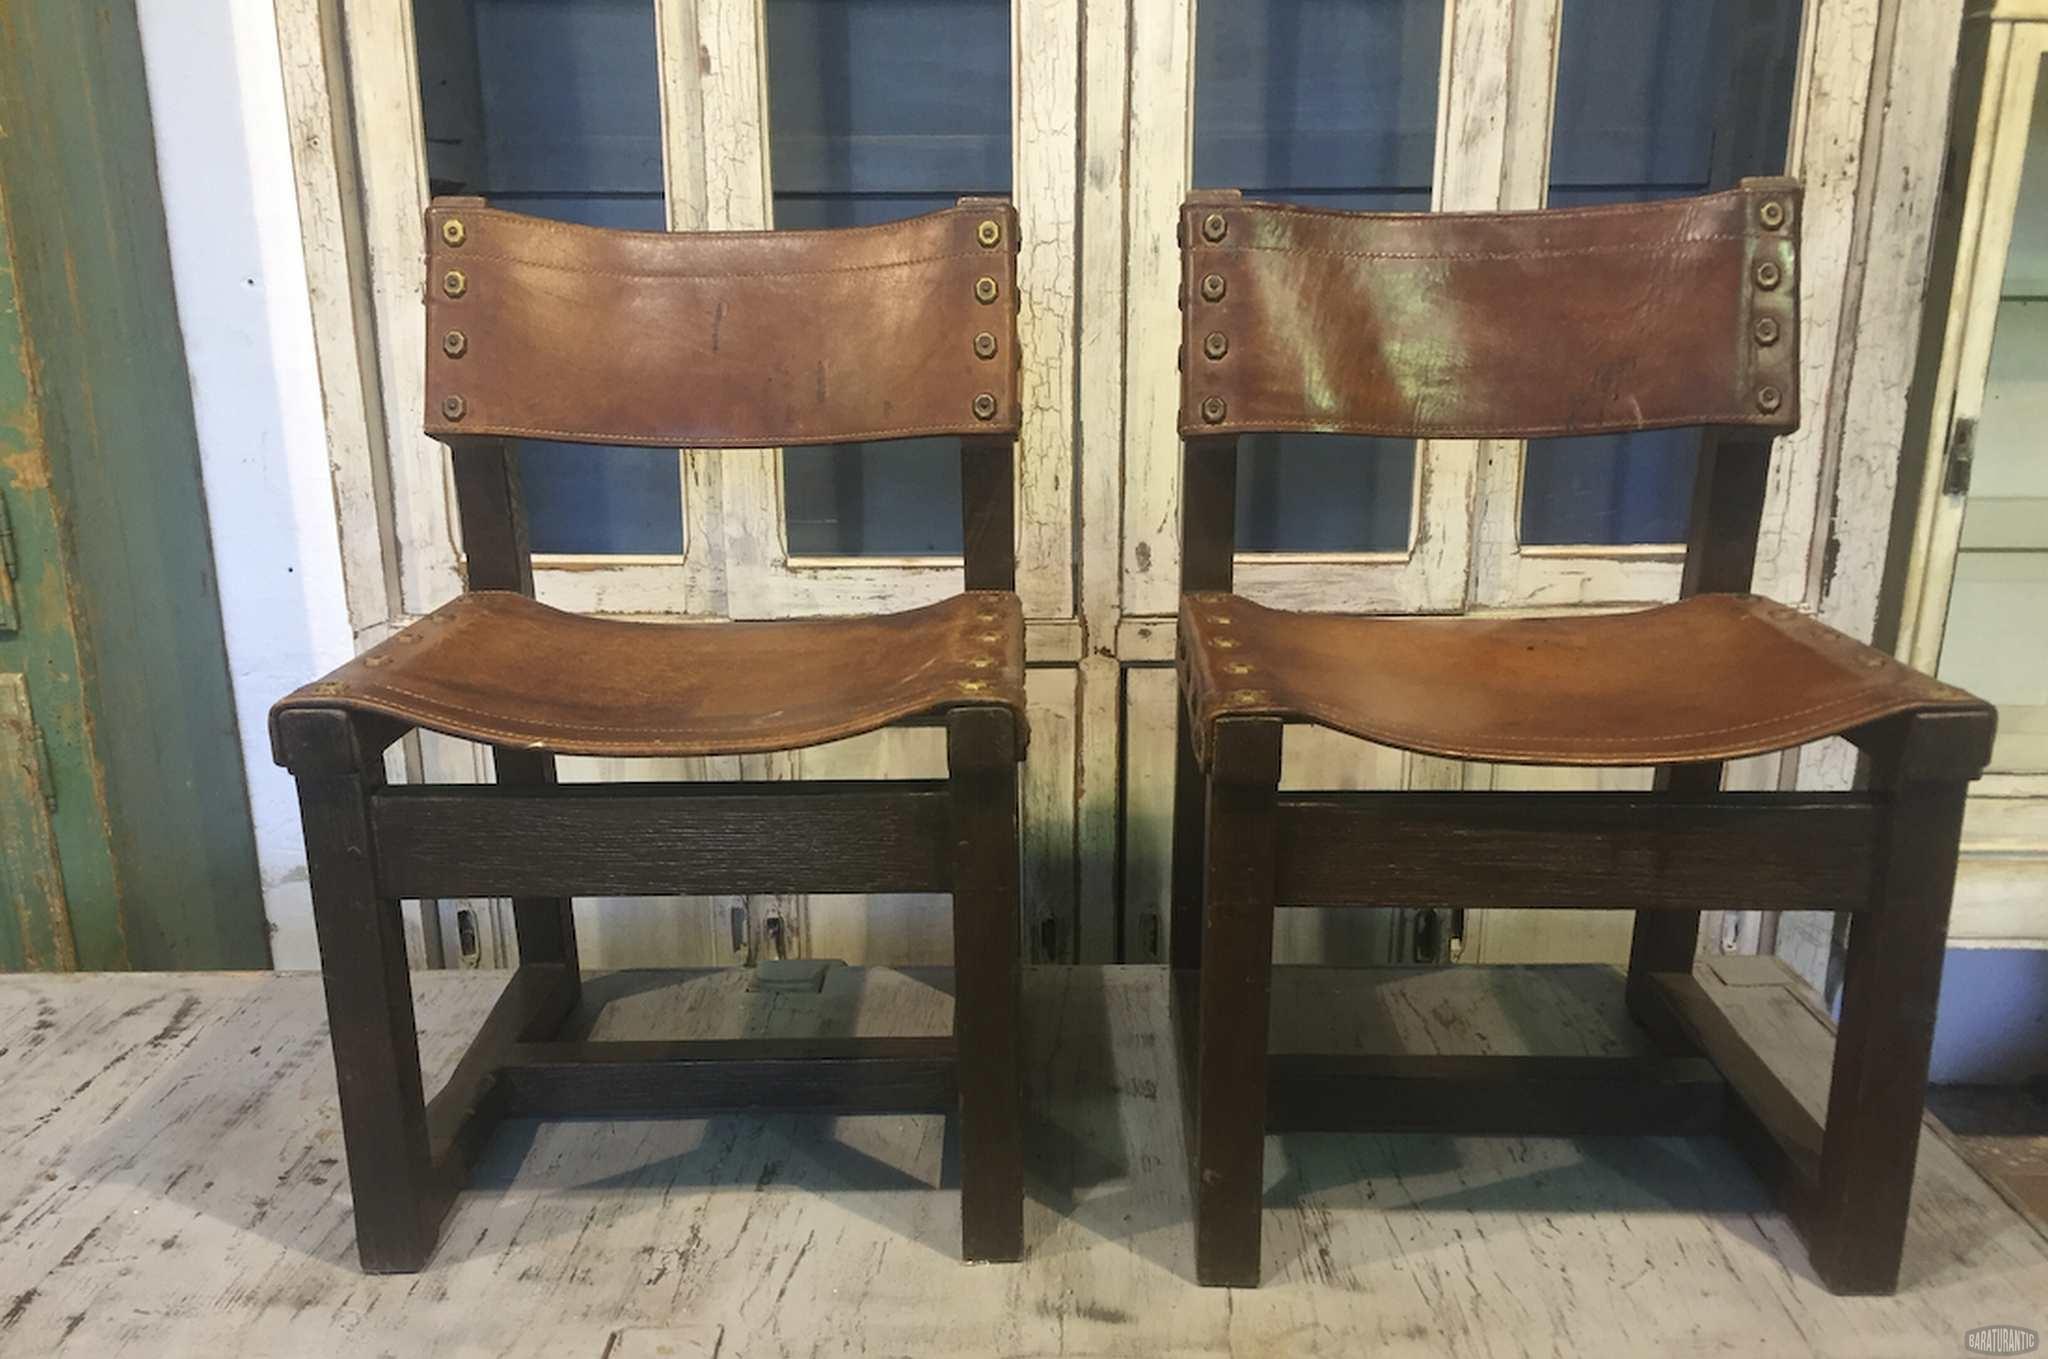 Sillas r sticas n rdicas de cuero retro vintage muebles vintage industrial vintage home decor - Sillas rusticas ...